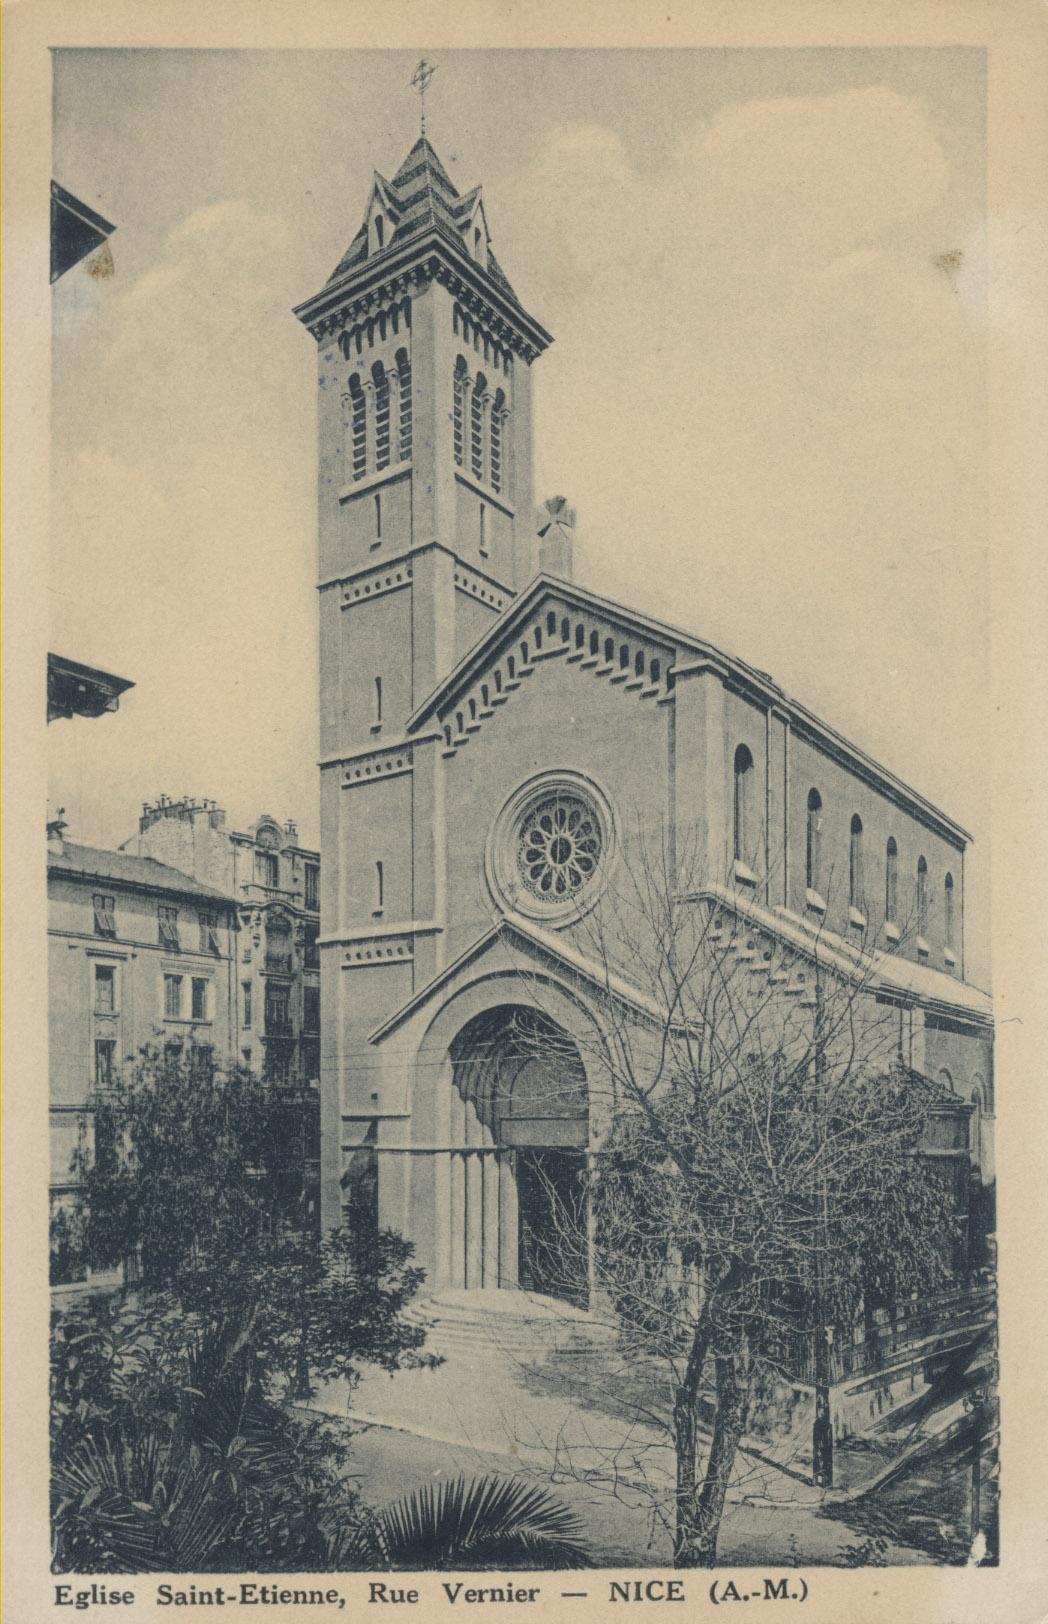 L'église Saint-Etienne de Nice : carte postale ancienne